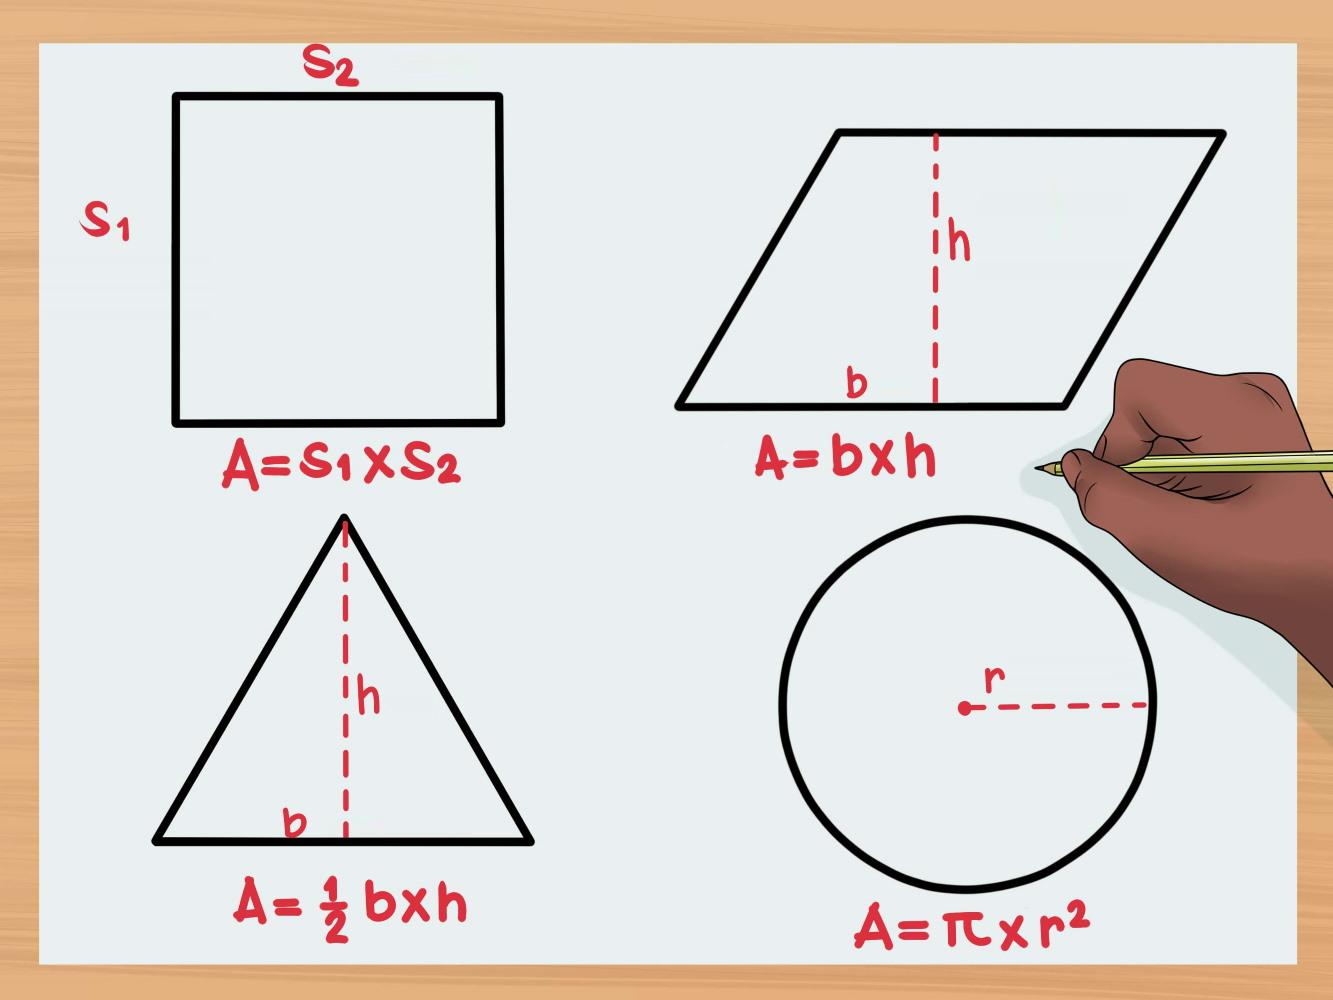 فرمول های محیط و مساحت اشکال هندسی (+ فیلم و PDF رایگان)